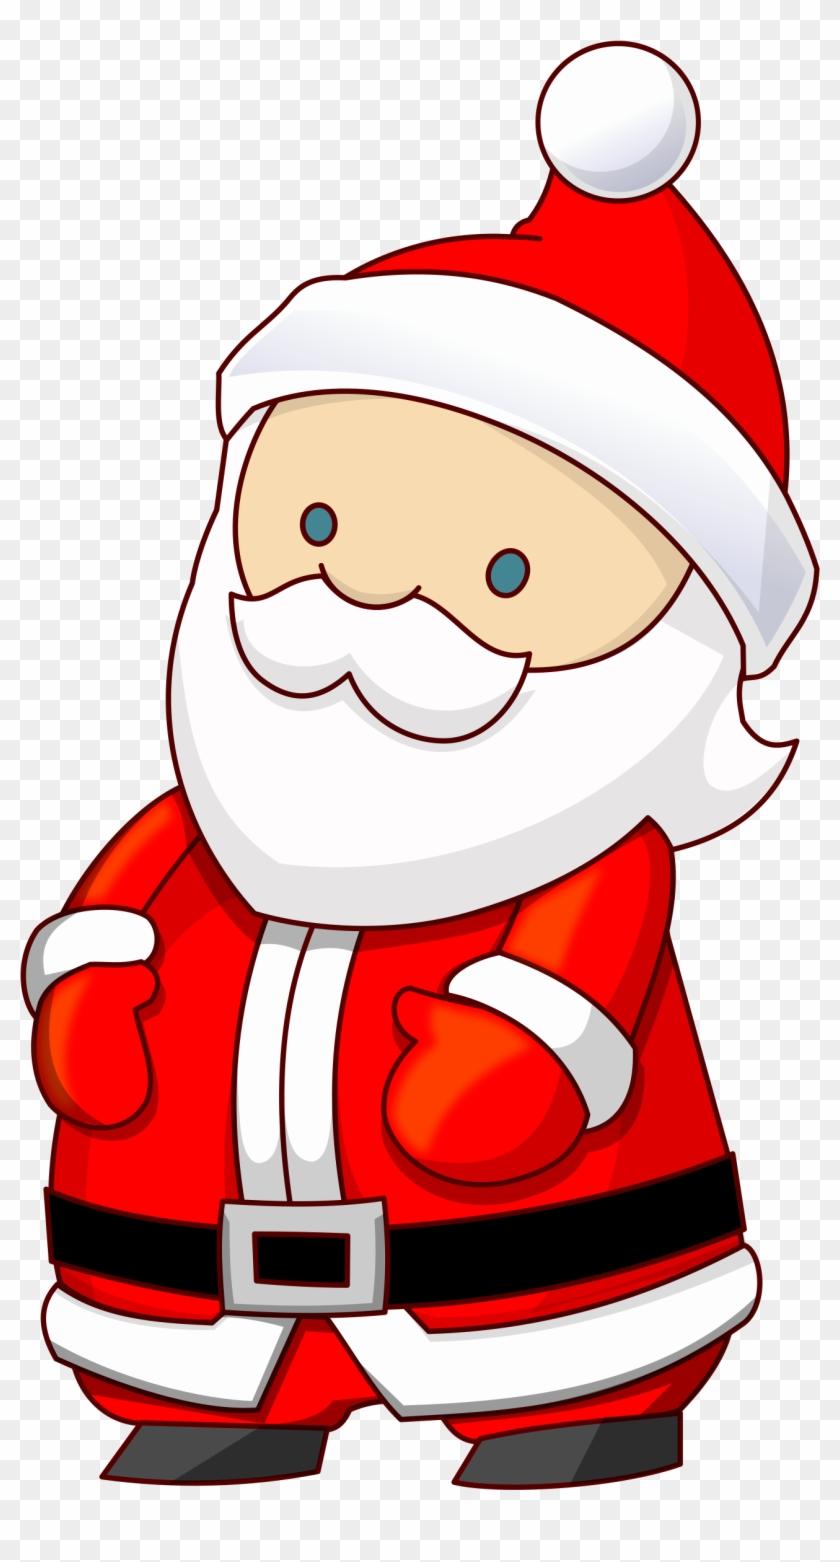 Santa Claus - Santa Claus Vector Png #85573